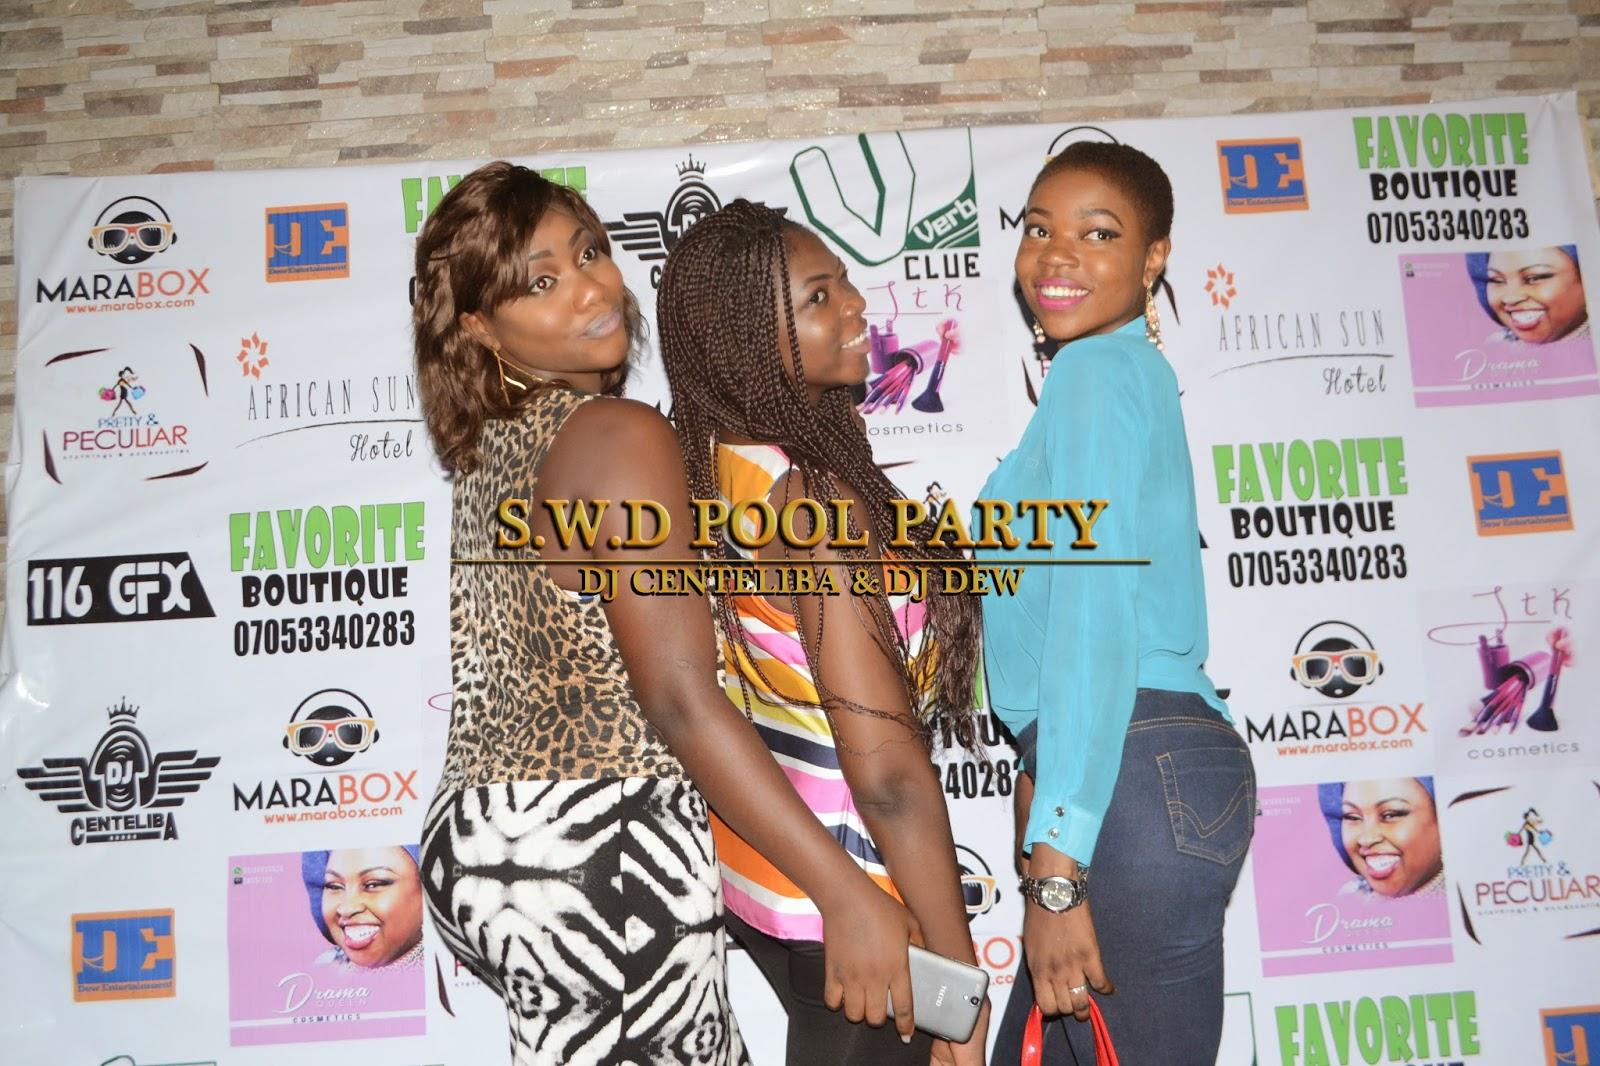 PARTY PICS - DJ Diva Topless DJ